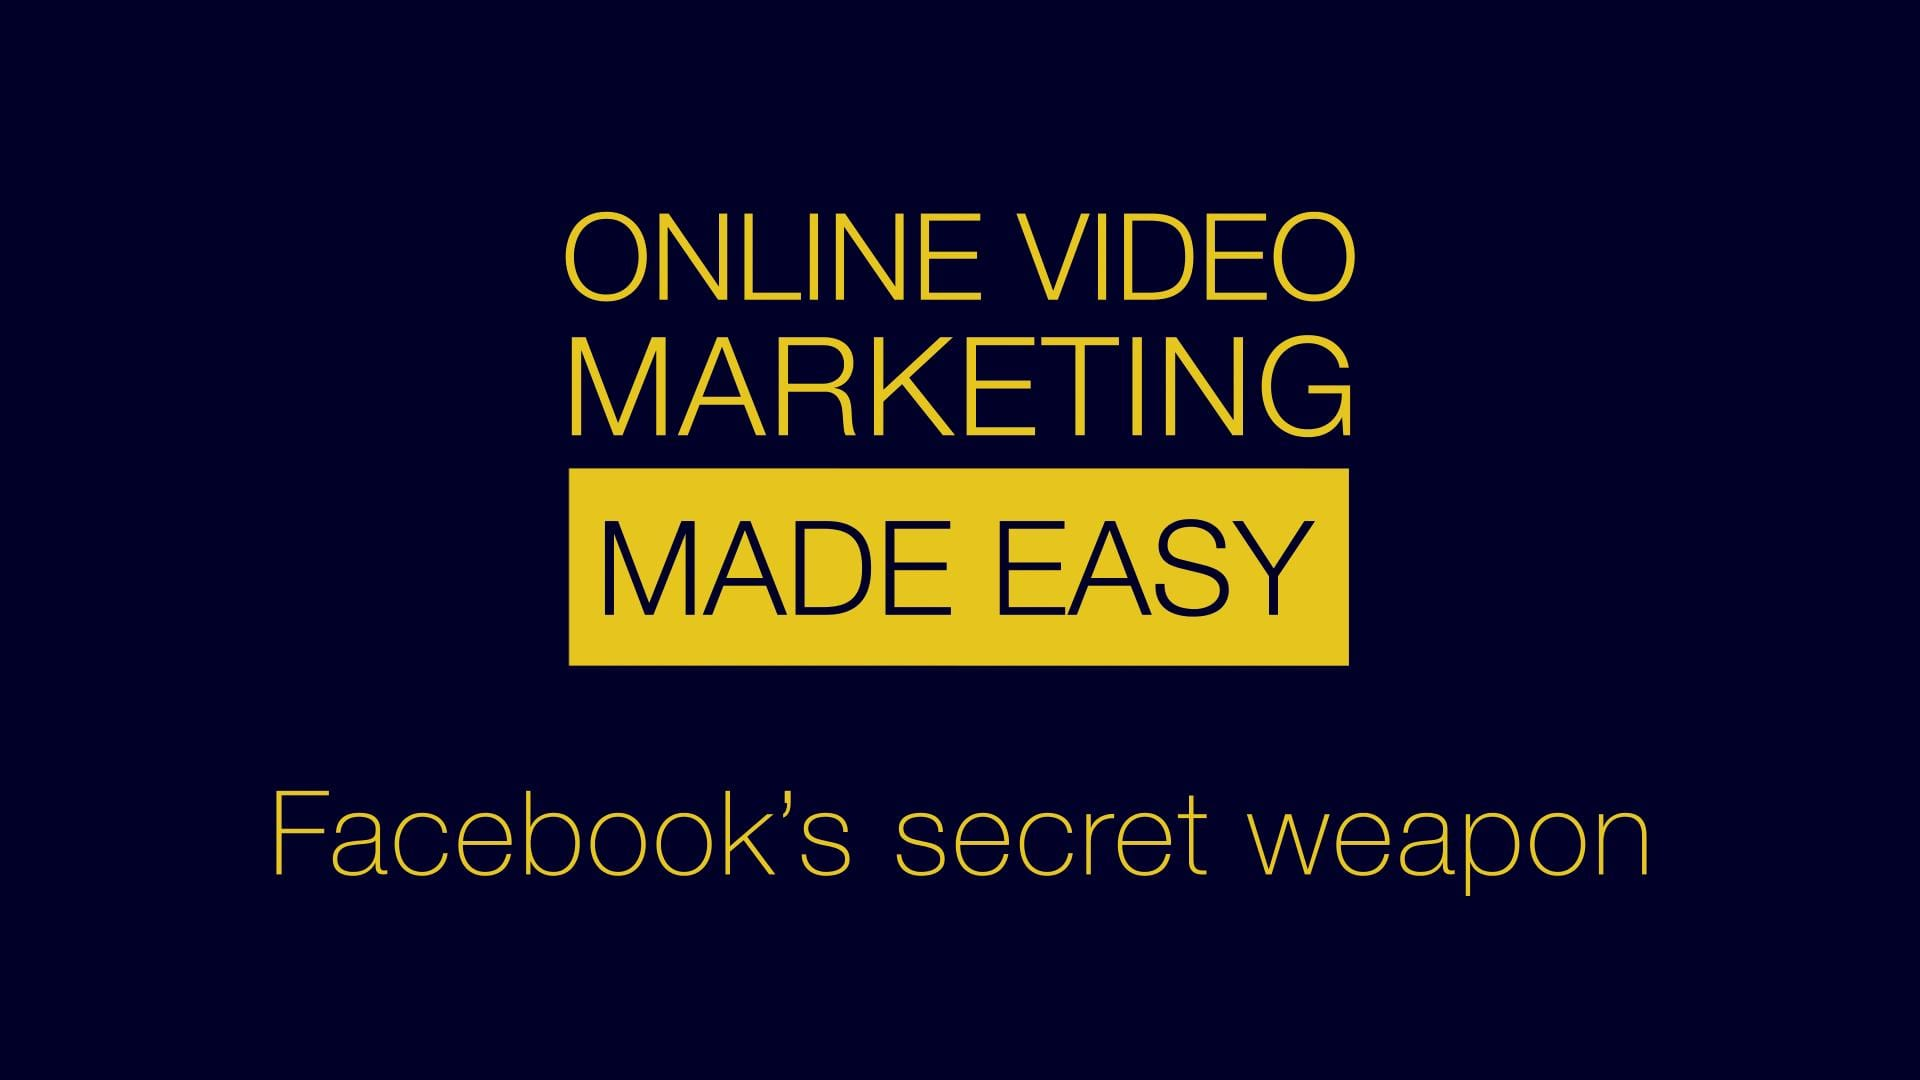 60 second Video Marketing Tips: Facebook's got a secret weapon!